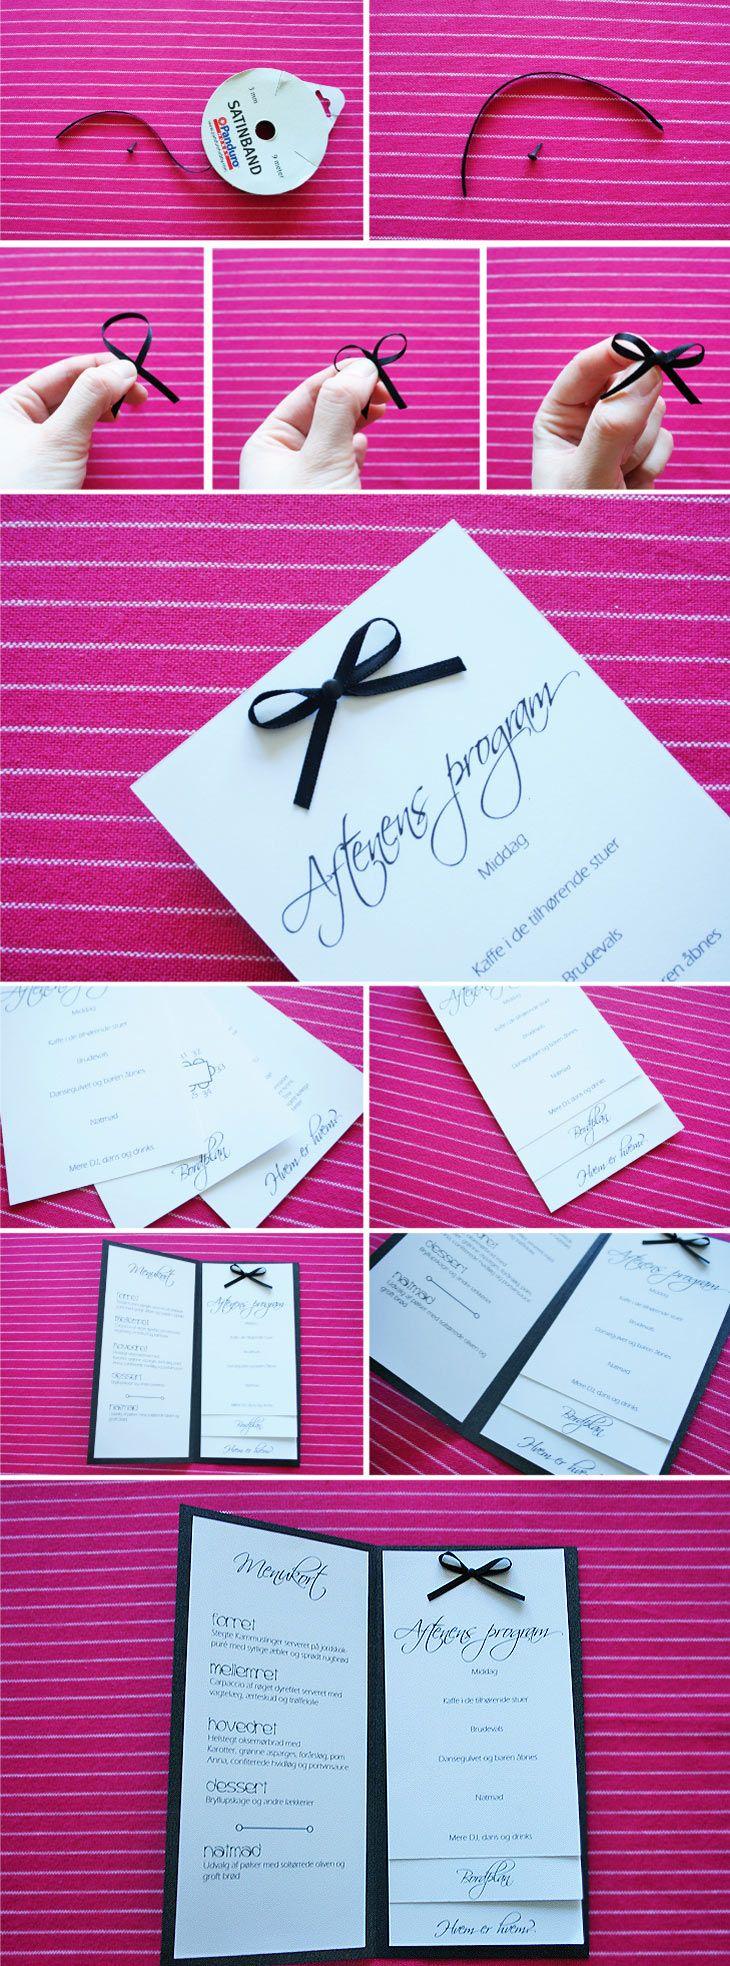 bordkort med information http://www.bryllupsklar.dk/diy/bordkort-bryllup.html